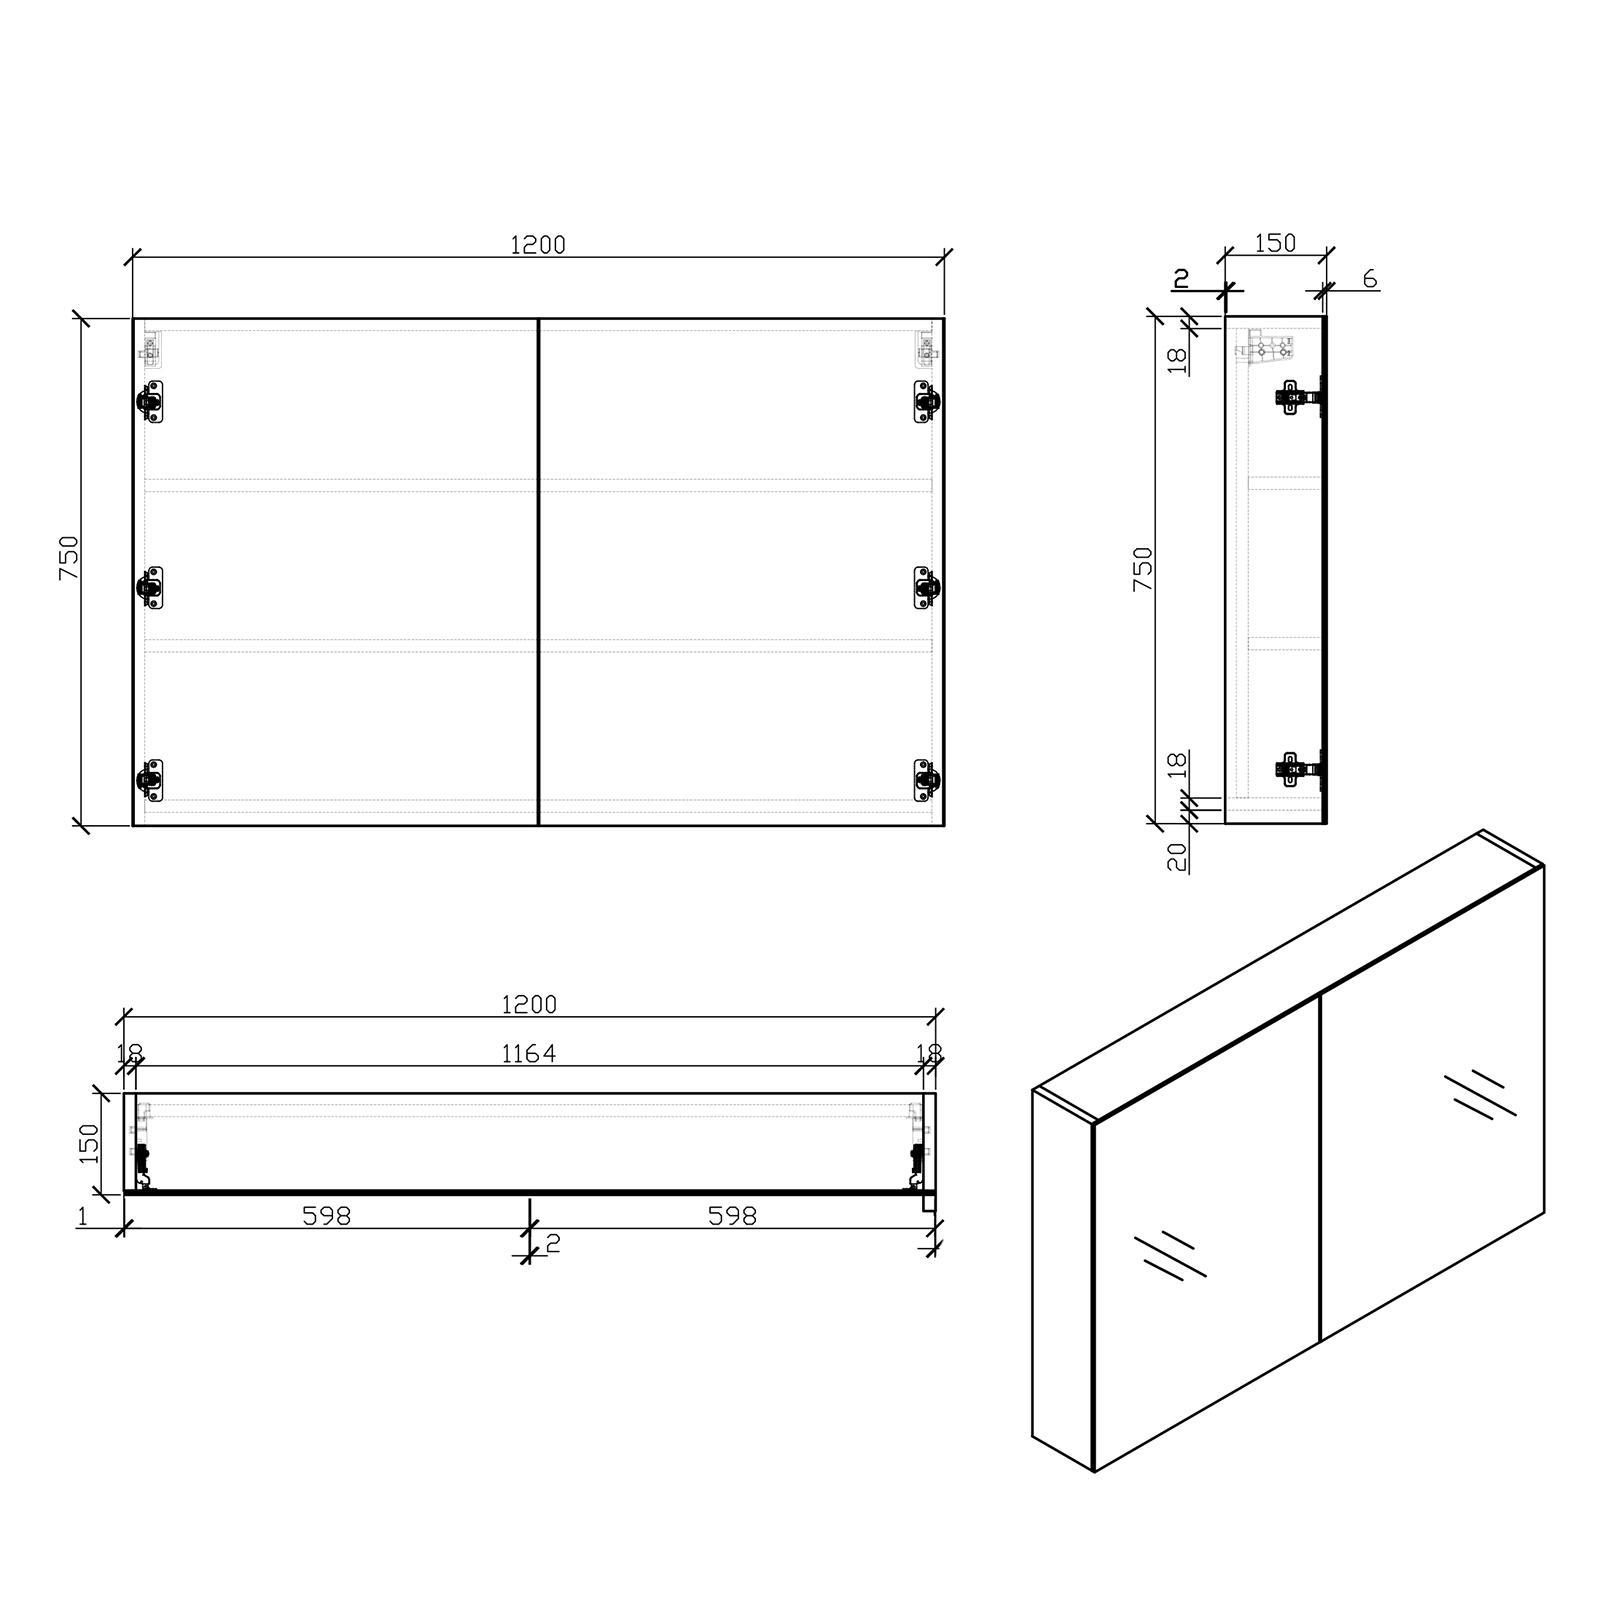 EDGE 1200 Spiegelschrank - Zeichnung